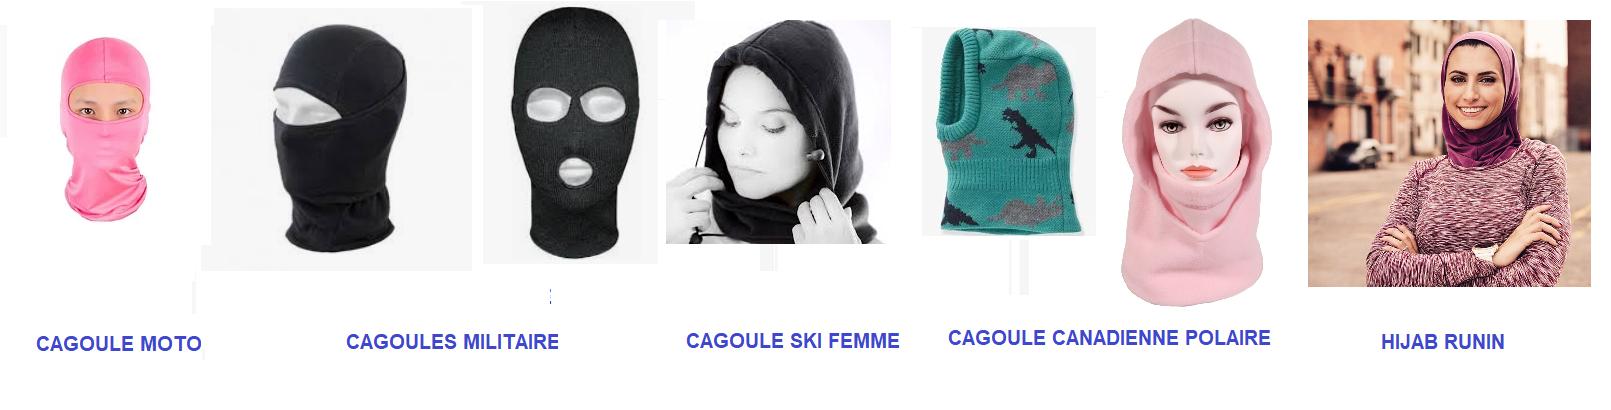 Hijab cagoule runin